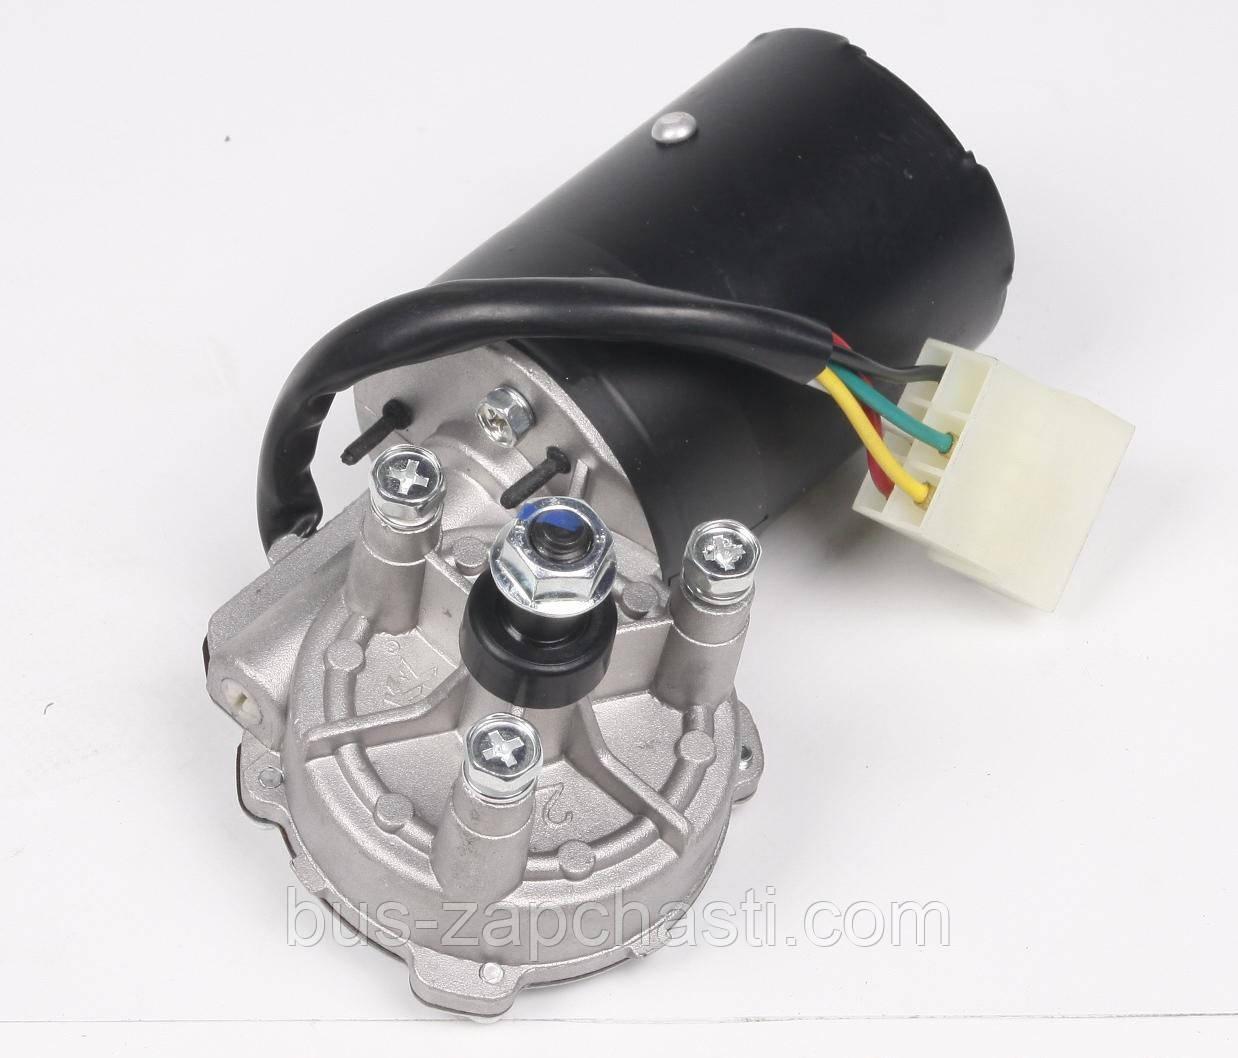 Моторчик стеклоочистителя MB Sprinter, VW LT 1996-2006 — Autotechteile (Германия) — 100 8260